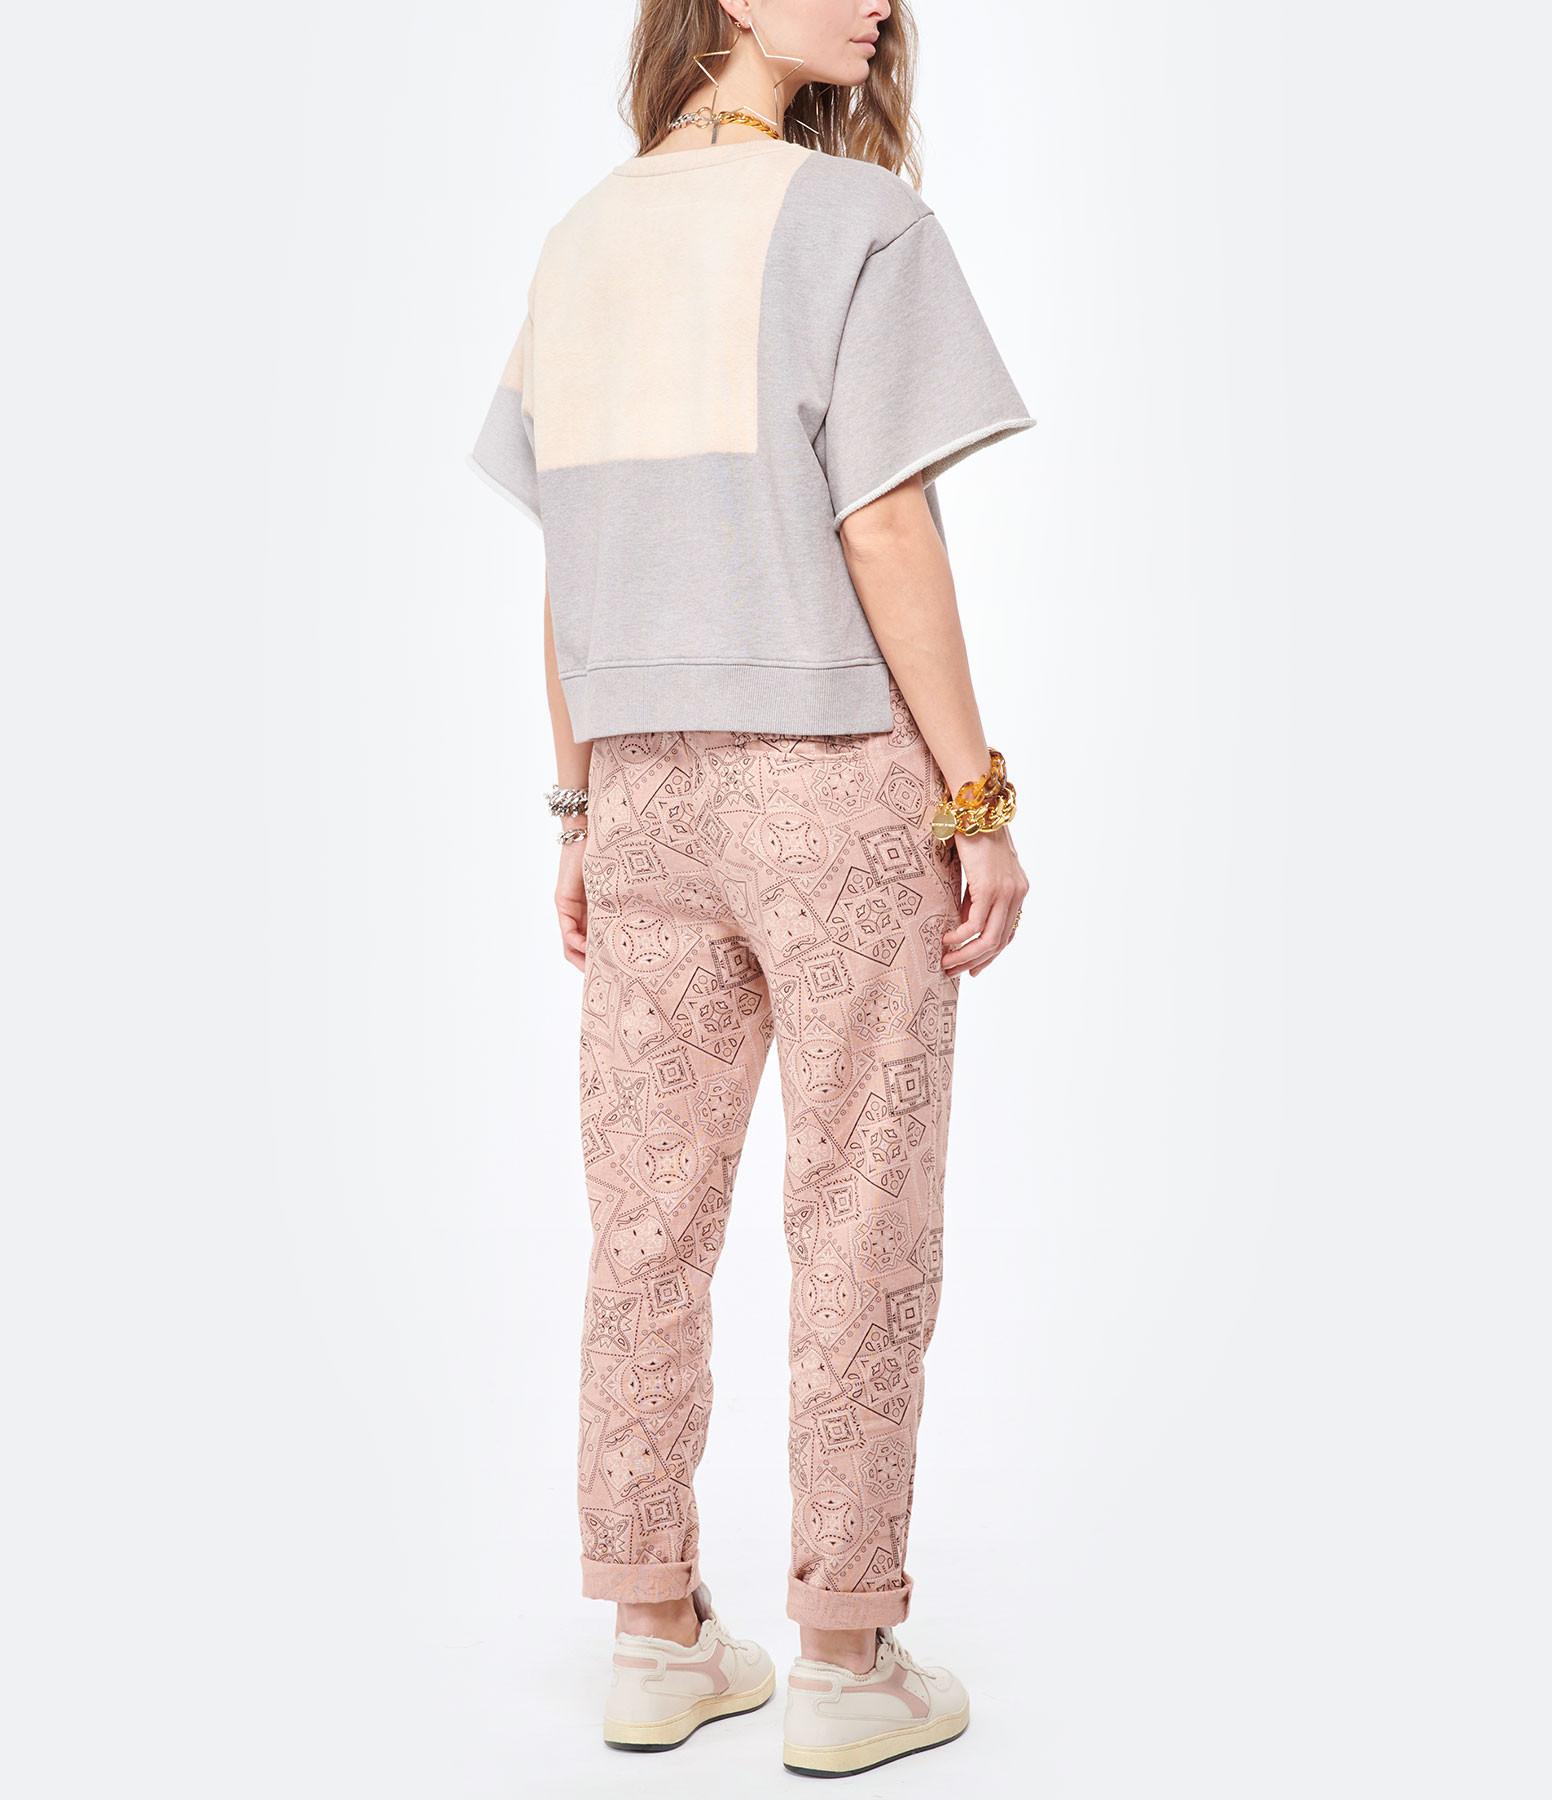 MM6 MAISON MARGIELA - Sweatshirt Coton Gris, Collection Studio